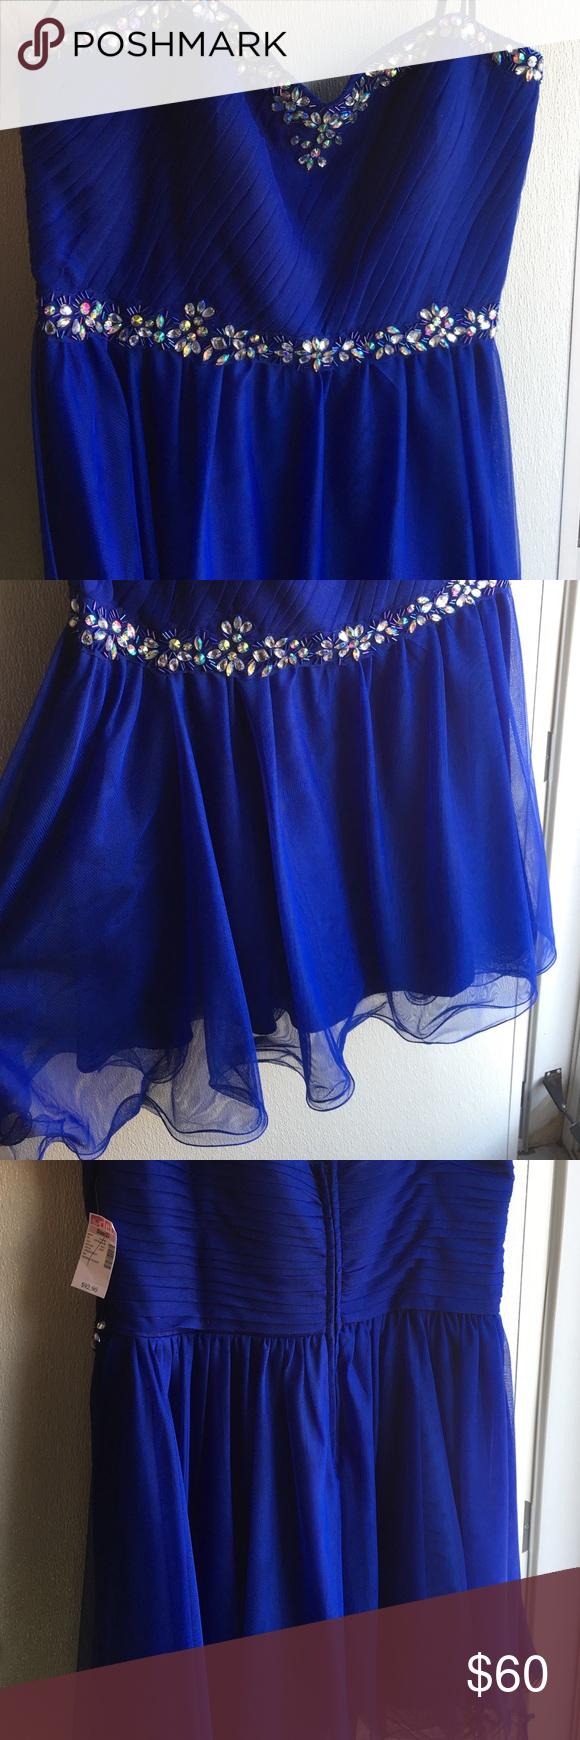 Blue homecomingprom dress nwt homecoming royal blue and ruffles